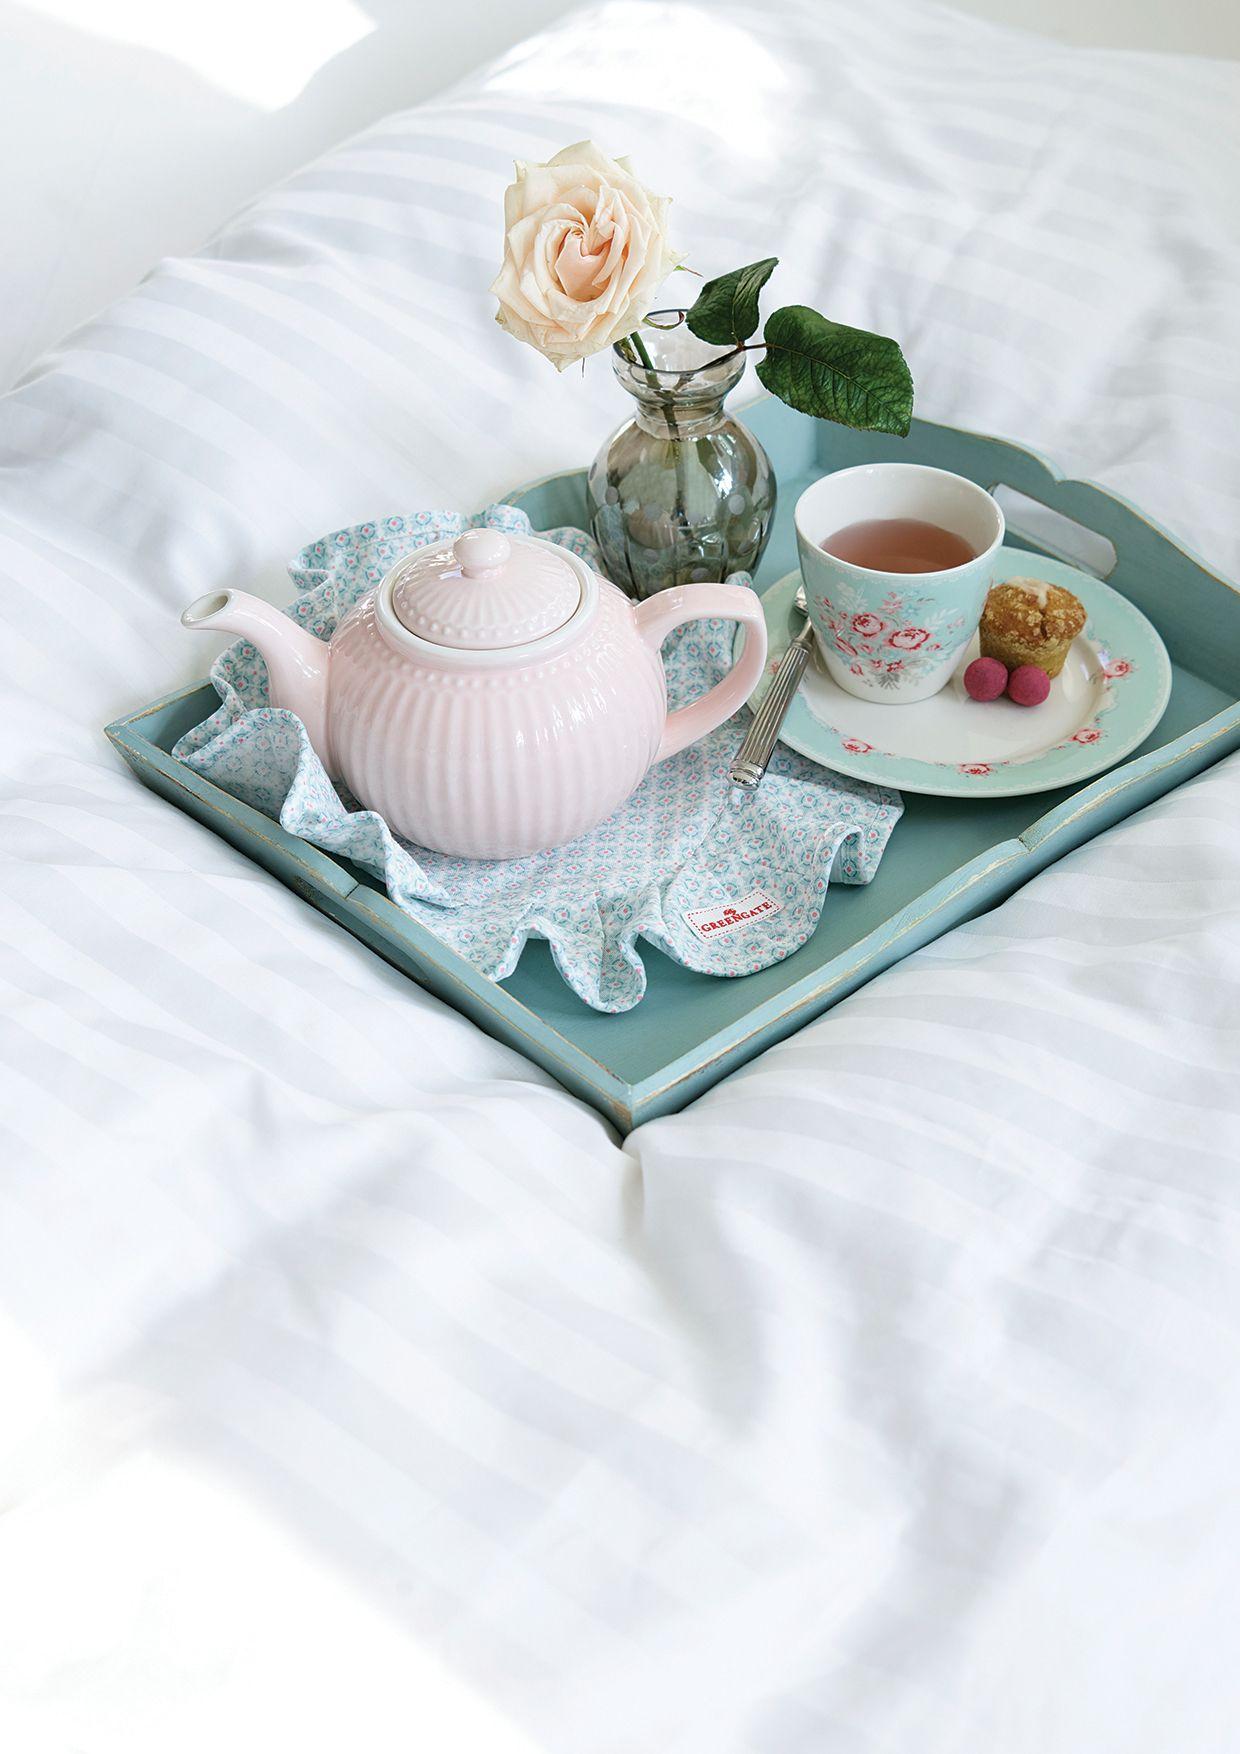 Greengate: ALL DAY; EVERYDAY! Gerade in der kalten hälfte des Jahres genießen wir unseren Tee aus der hübschen Teekanne aus der Greengate Everyday Kollektion!